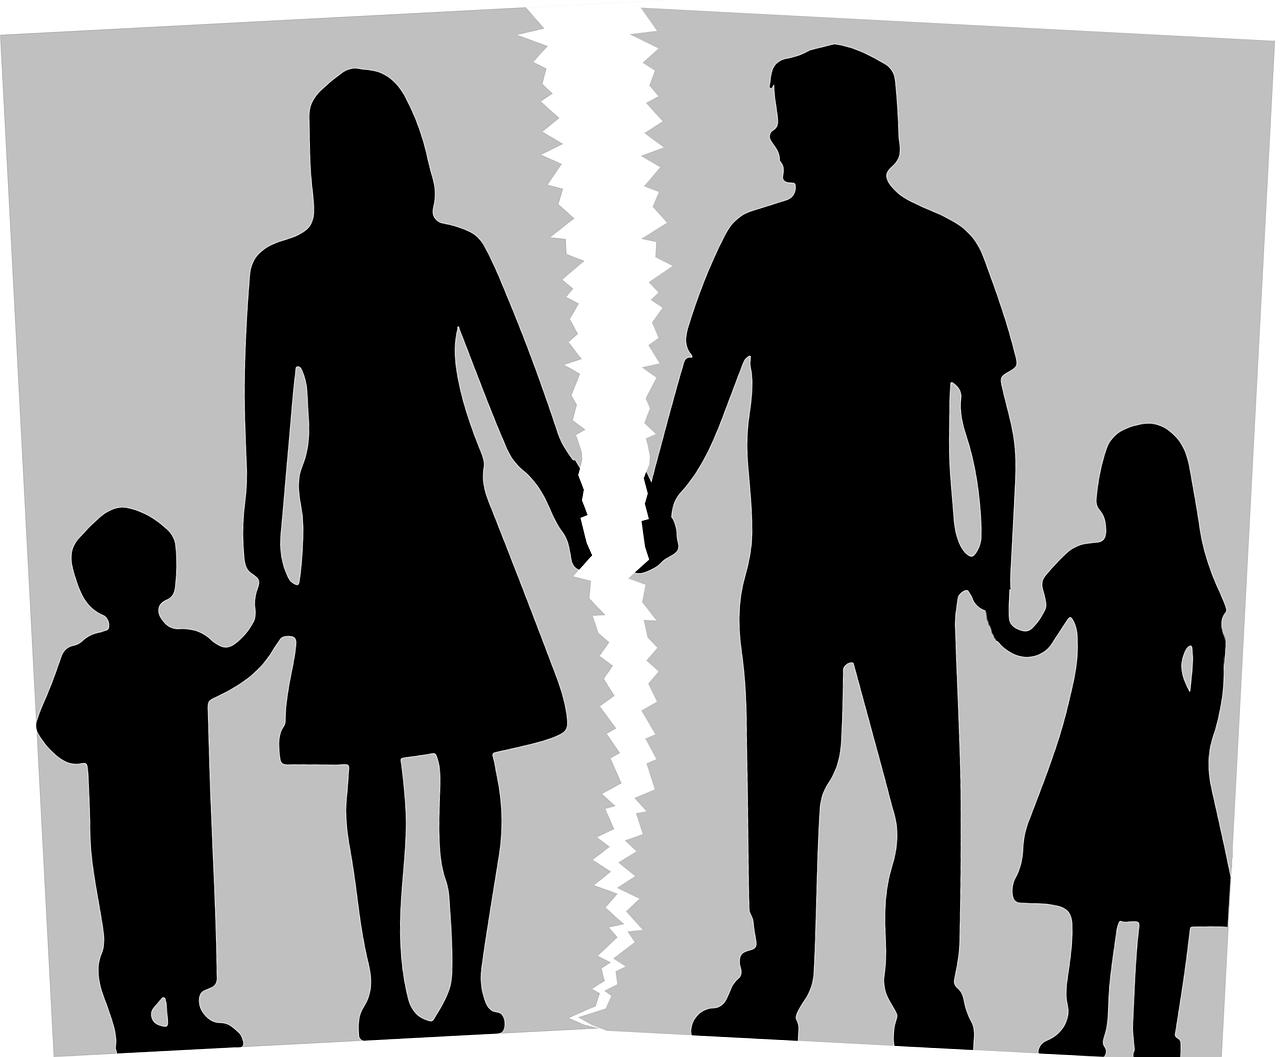 Delt forældremyndighed